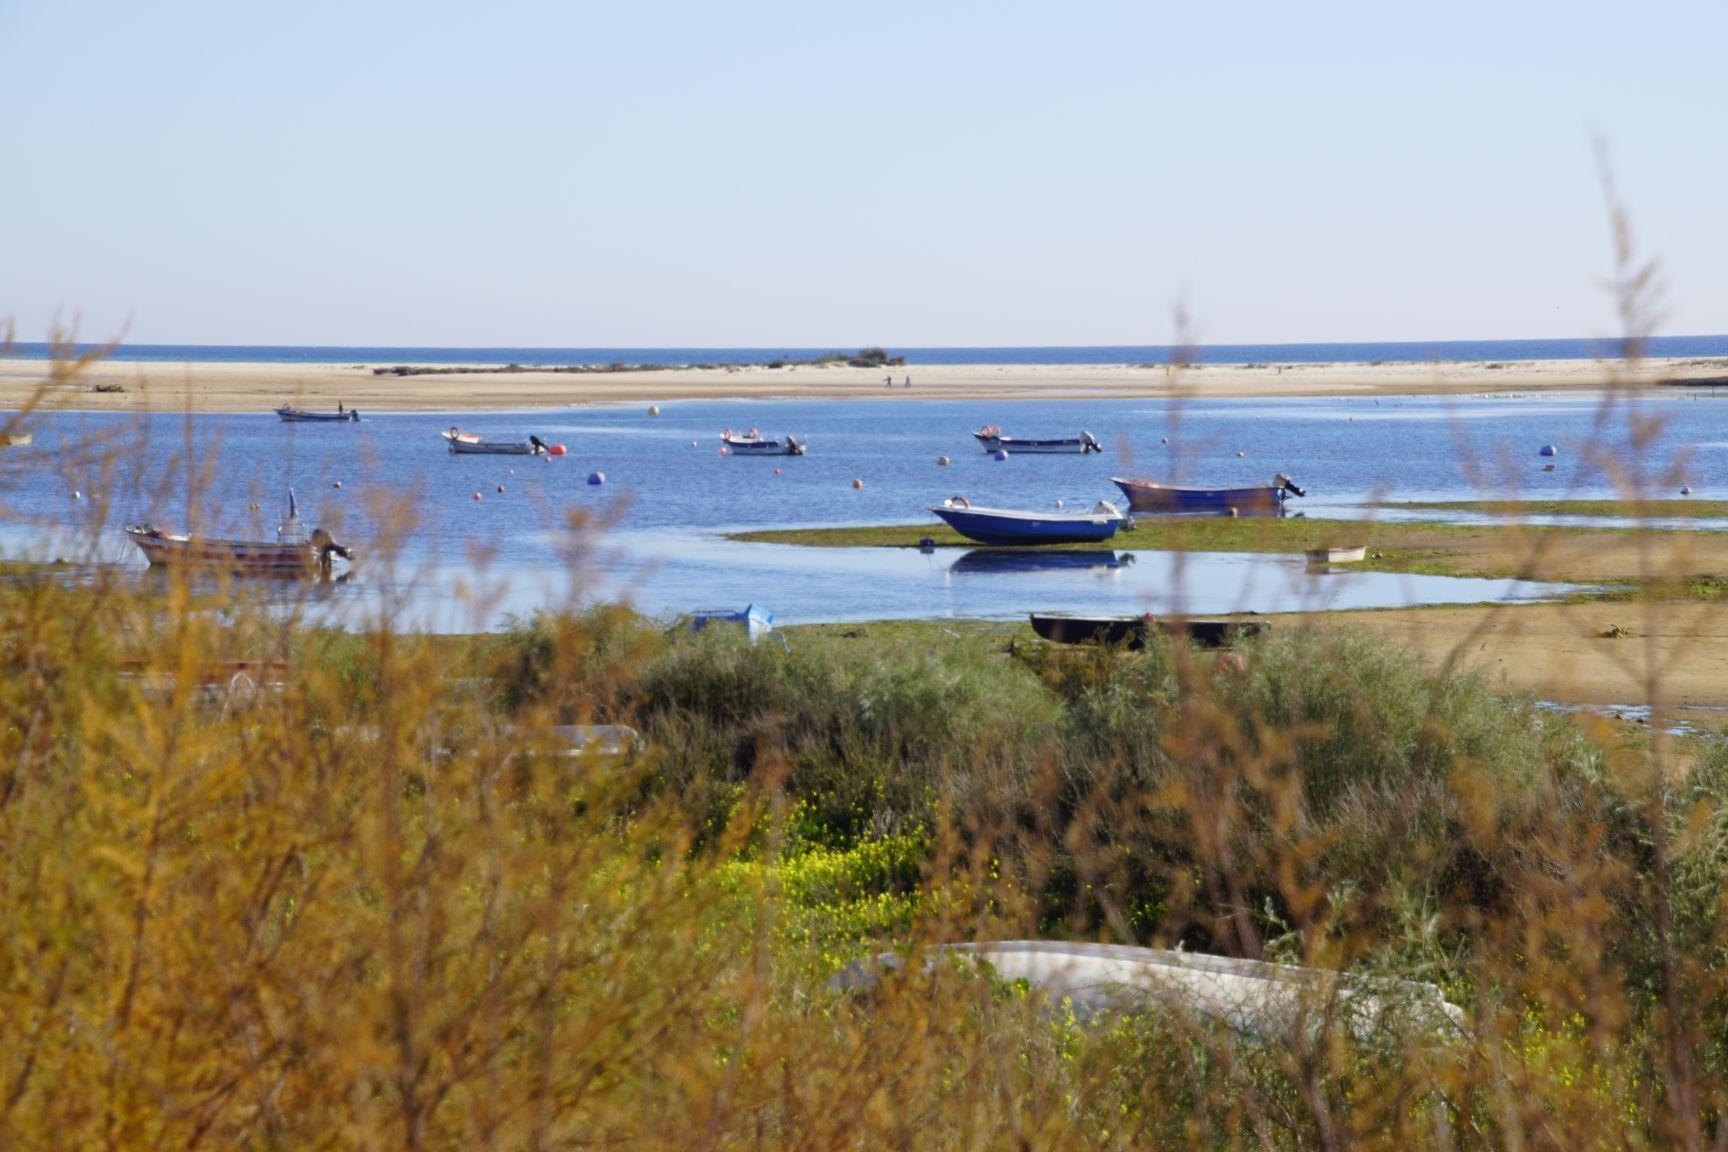 Les petites barques des pêcheurs... Paisibles